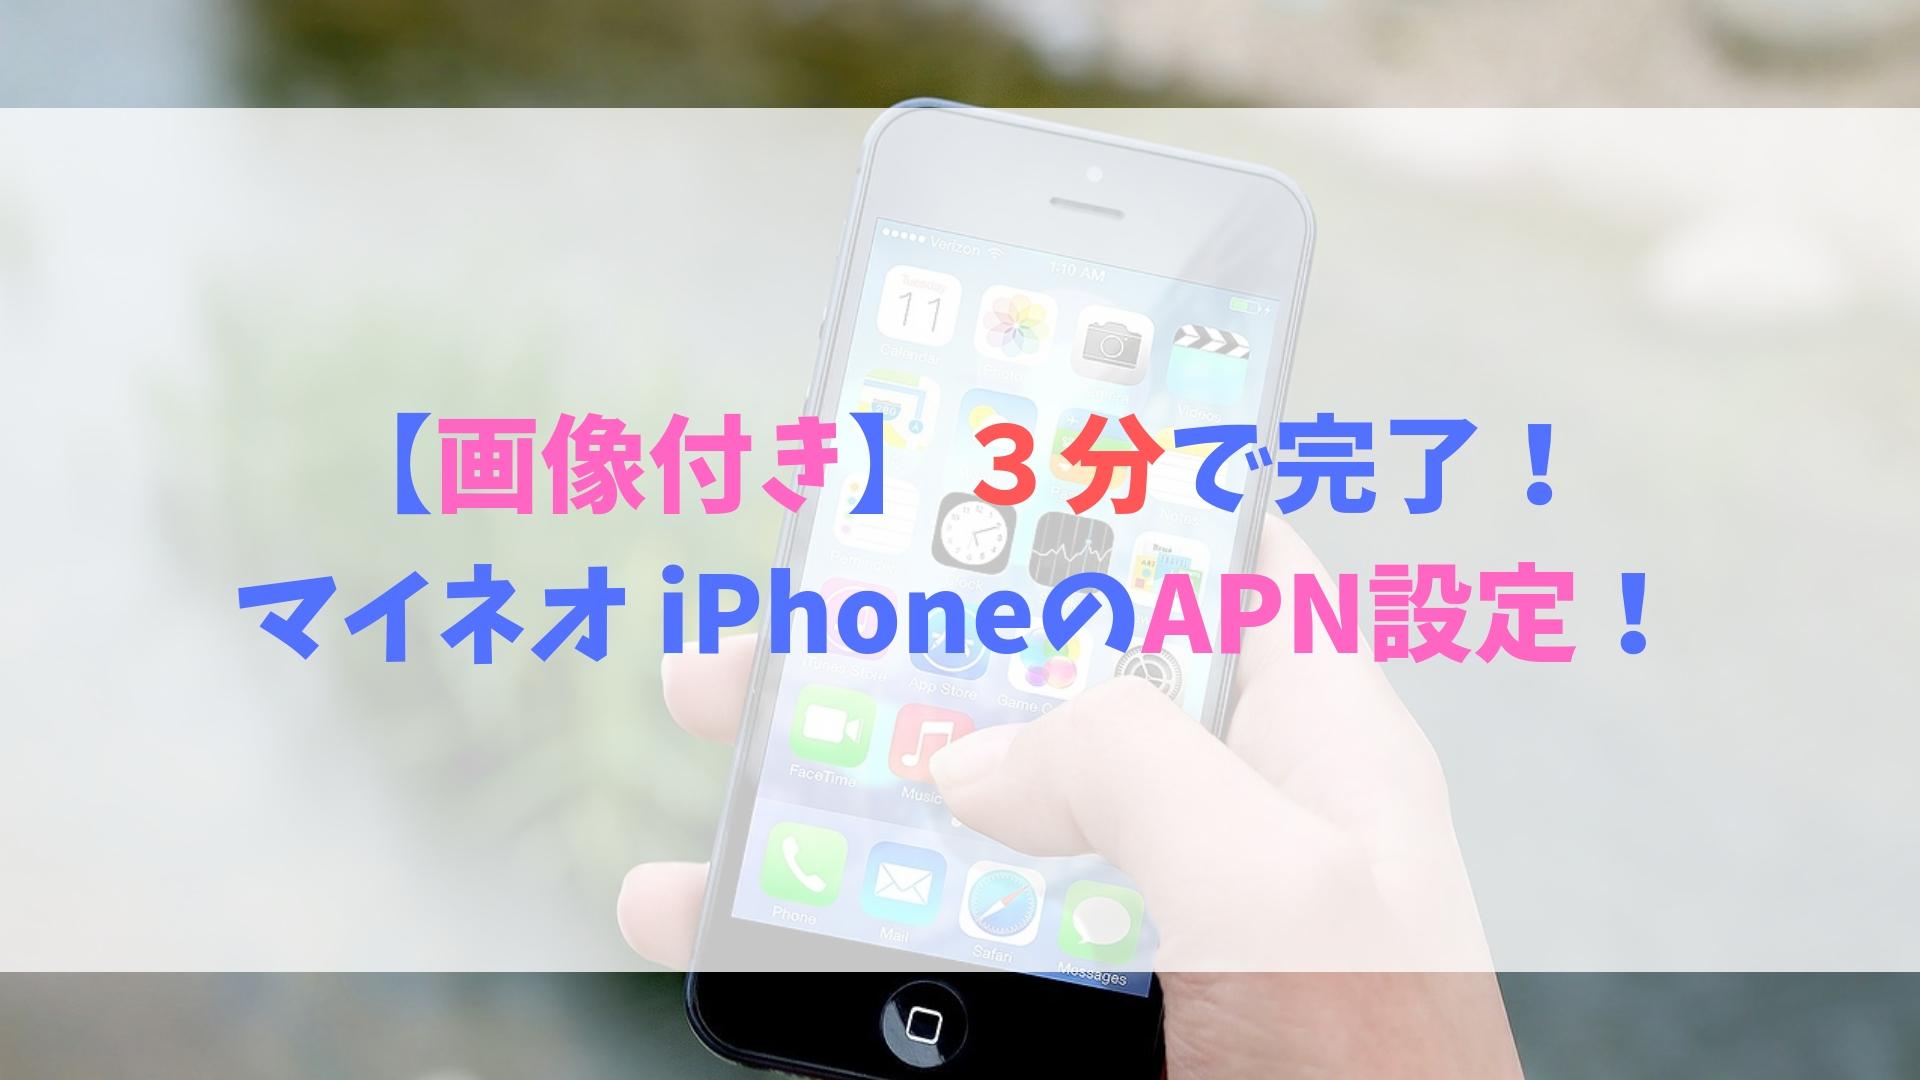 【画像付き】 3分で完了! マイネオ iPhoneのAPN設定!-2